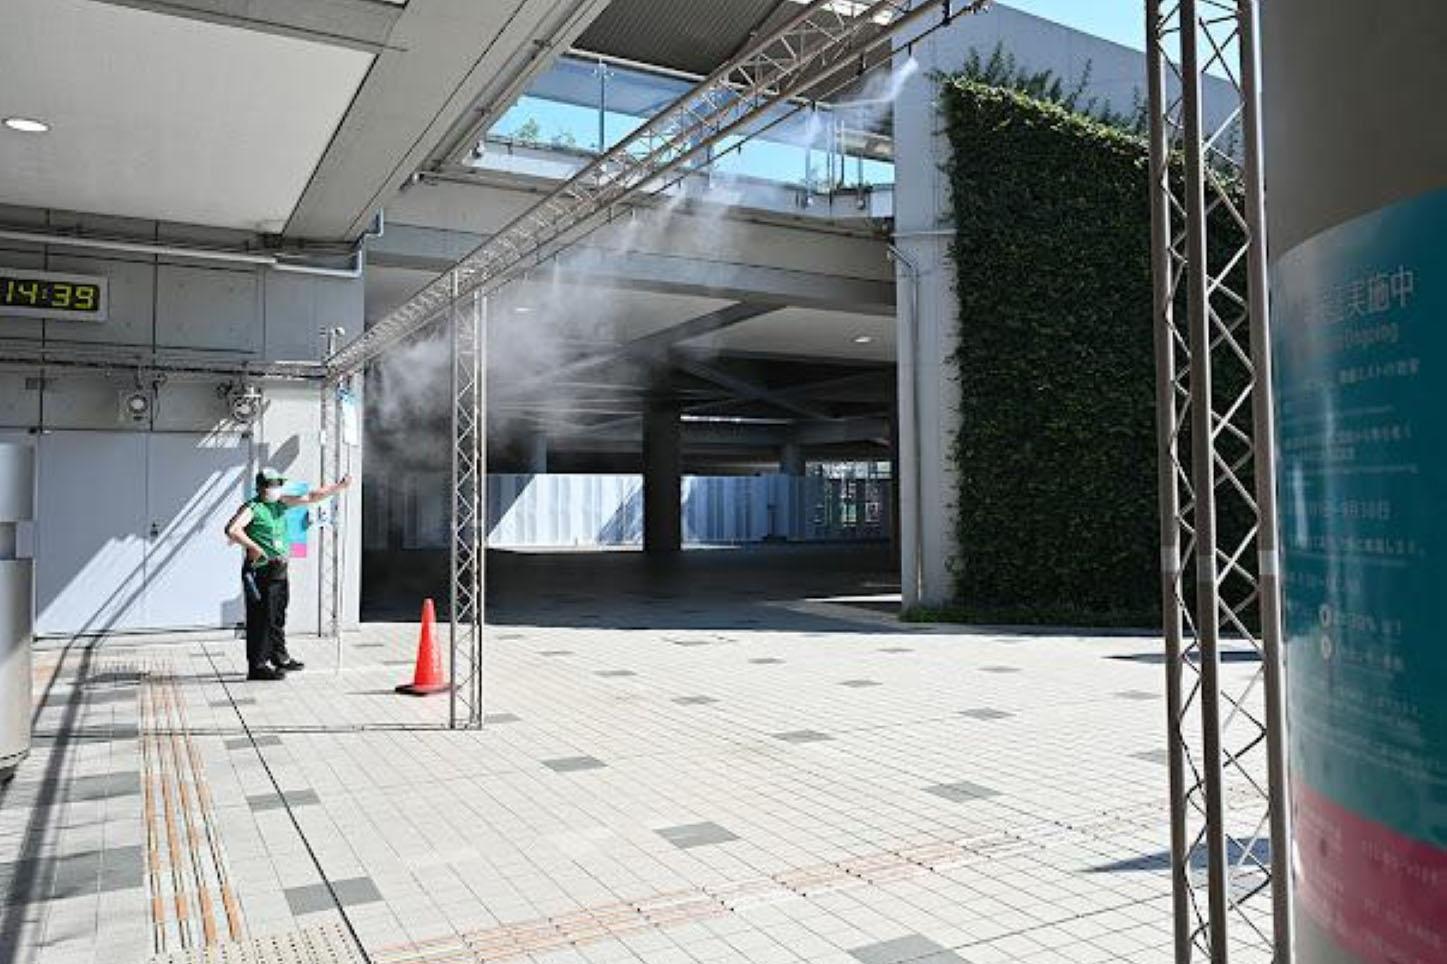 غدا افتتاح أولمبياد طوكيو رسميا بمشاركة 11 ألف رياضي